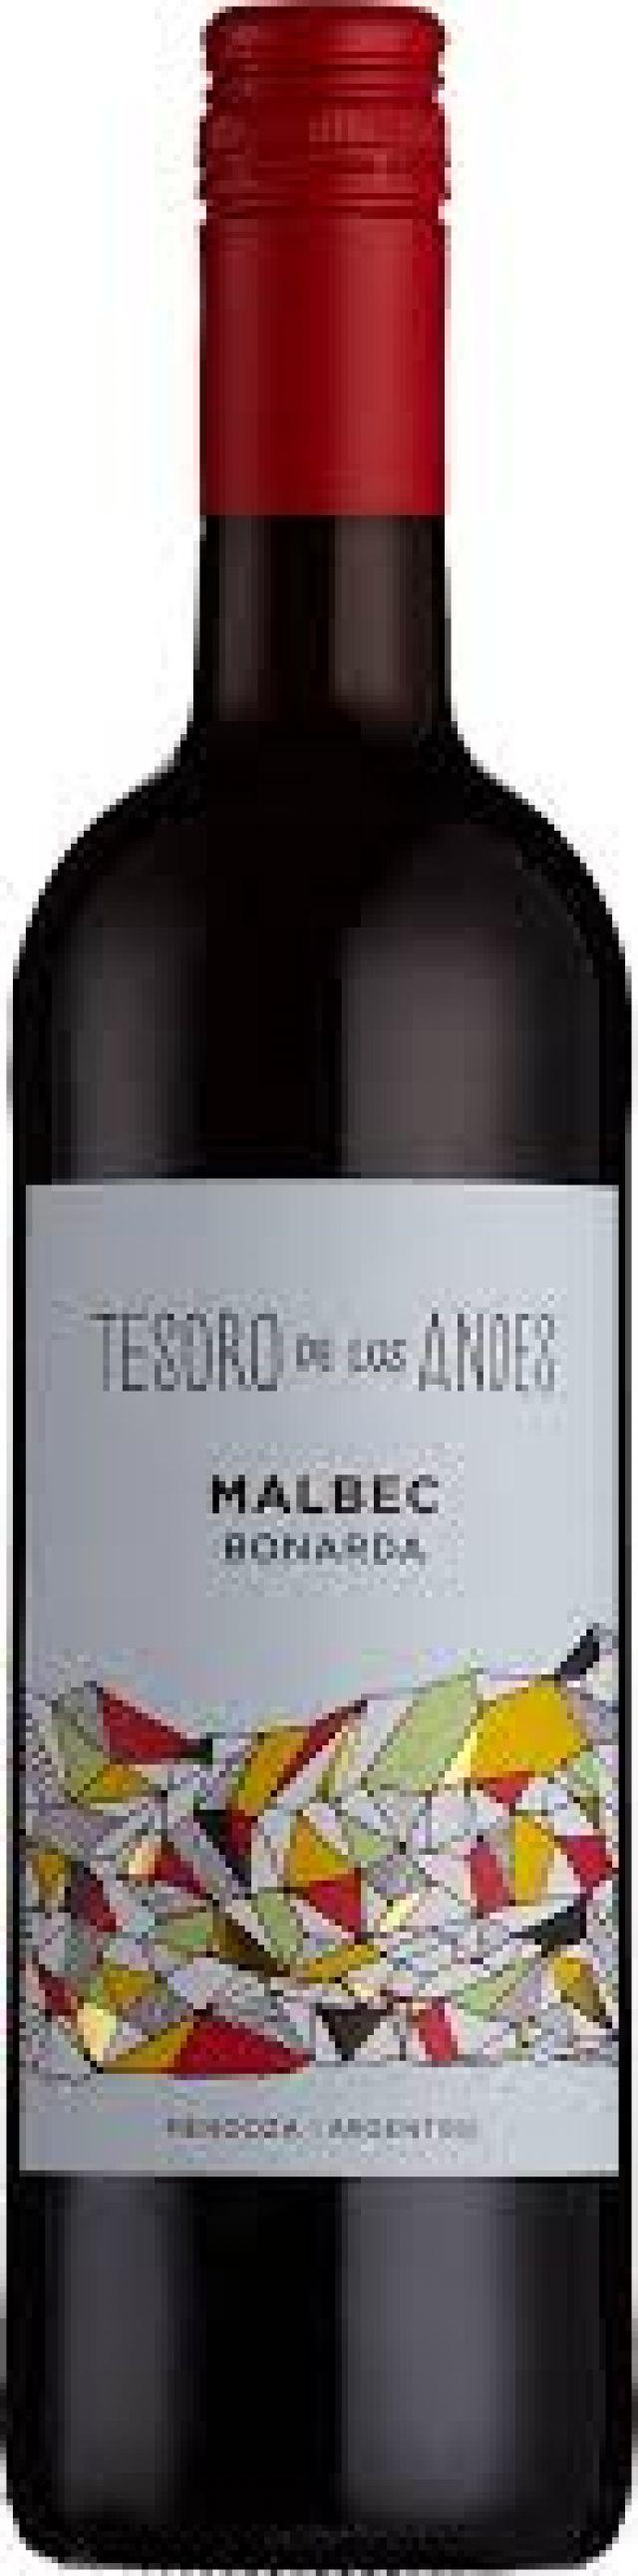 Red Wine - Tesoro De Los Andes Malbec Bonarda 2018 75Cl